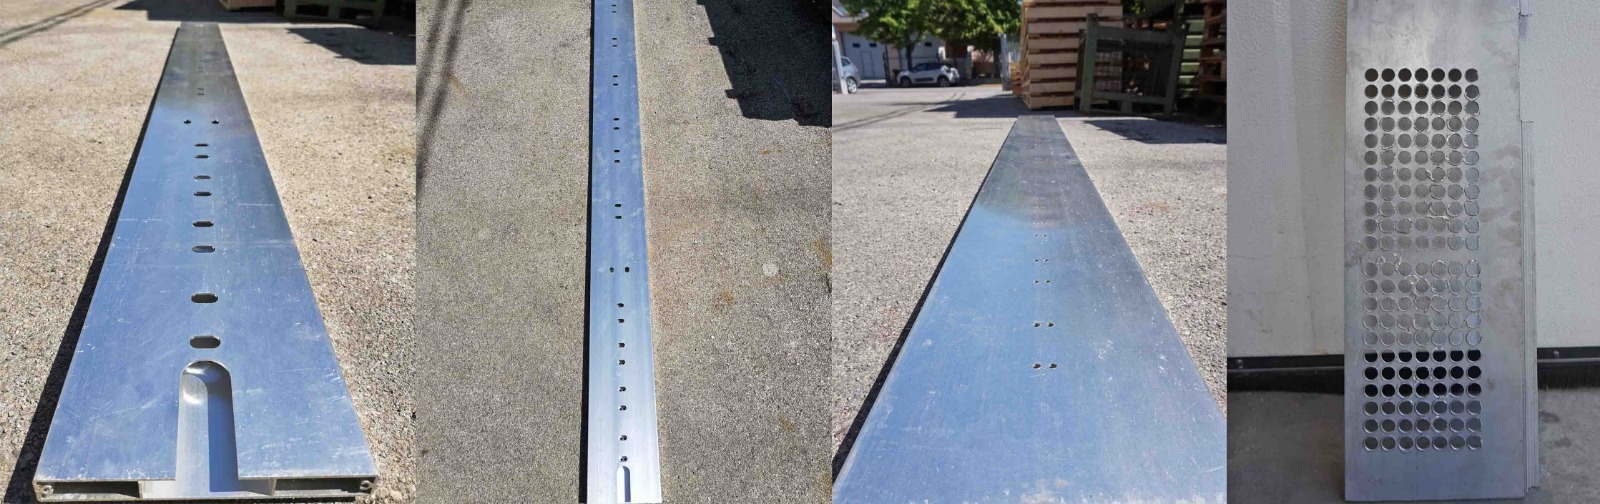 lavorazioni profilati alluminio foratura asolatura maschiatura